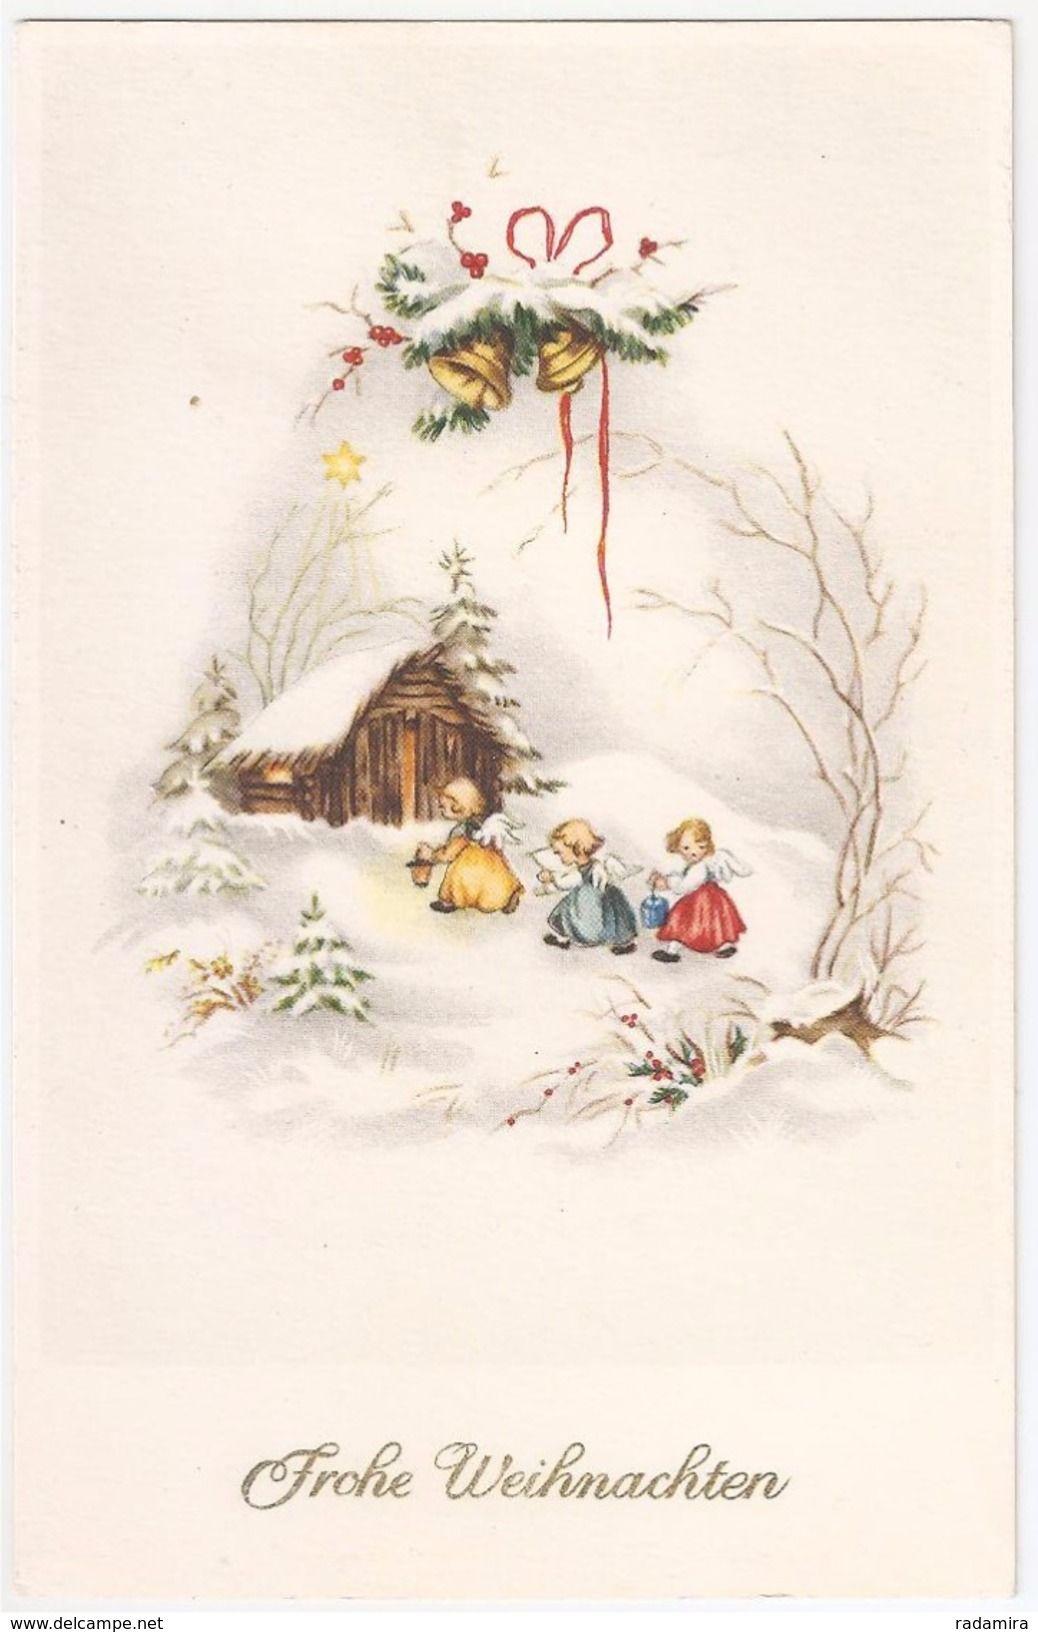 Frohe Weihnachten Aus Deutschland.Frohe Weihnachten Angel Engel Illustrator Artiste